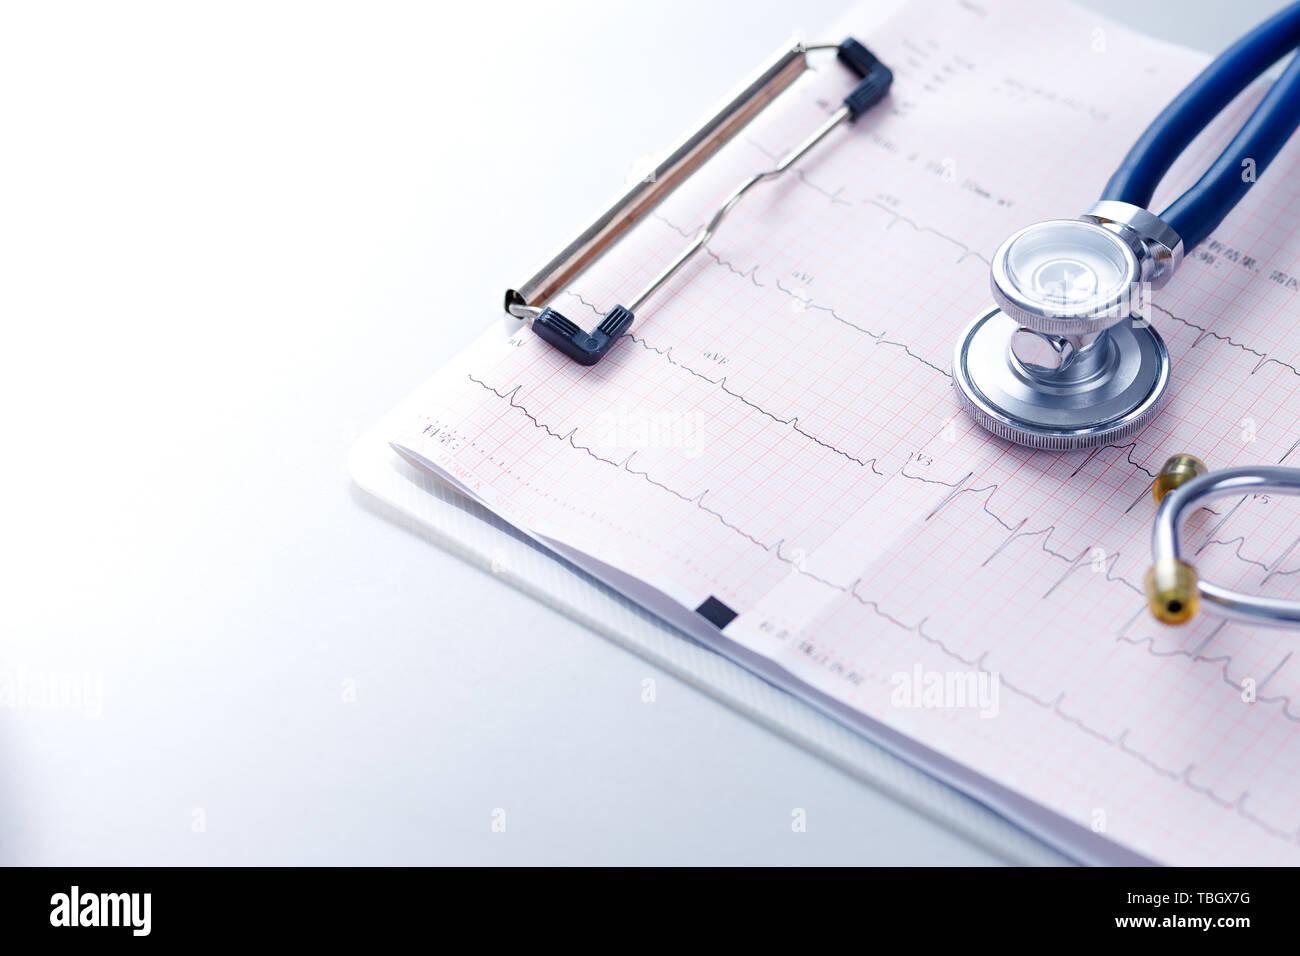 Médica, la medicina, los latidos del corazón, el electrocardiograma, la higiene, la salud, el estetoscopio, terapia, tratamiento, corazón, hipertensión, atención médica, medicina, cardiología, cardiología, clínica, hospital, ambulatorio, tablet, enfermedad cardíaca, hipertensión, enfermedad coronaria, la aterosclerosis coronaria Foto de stock